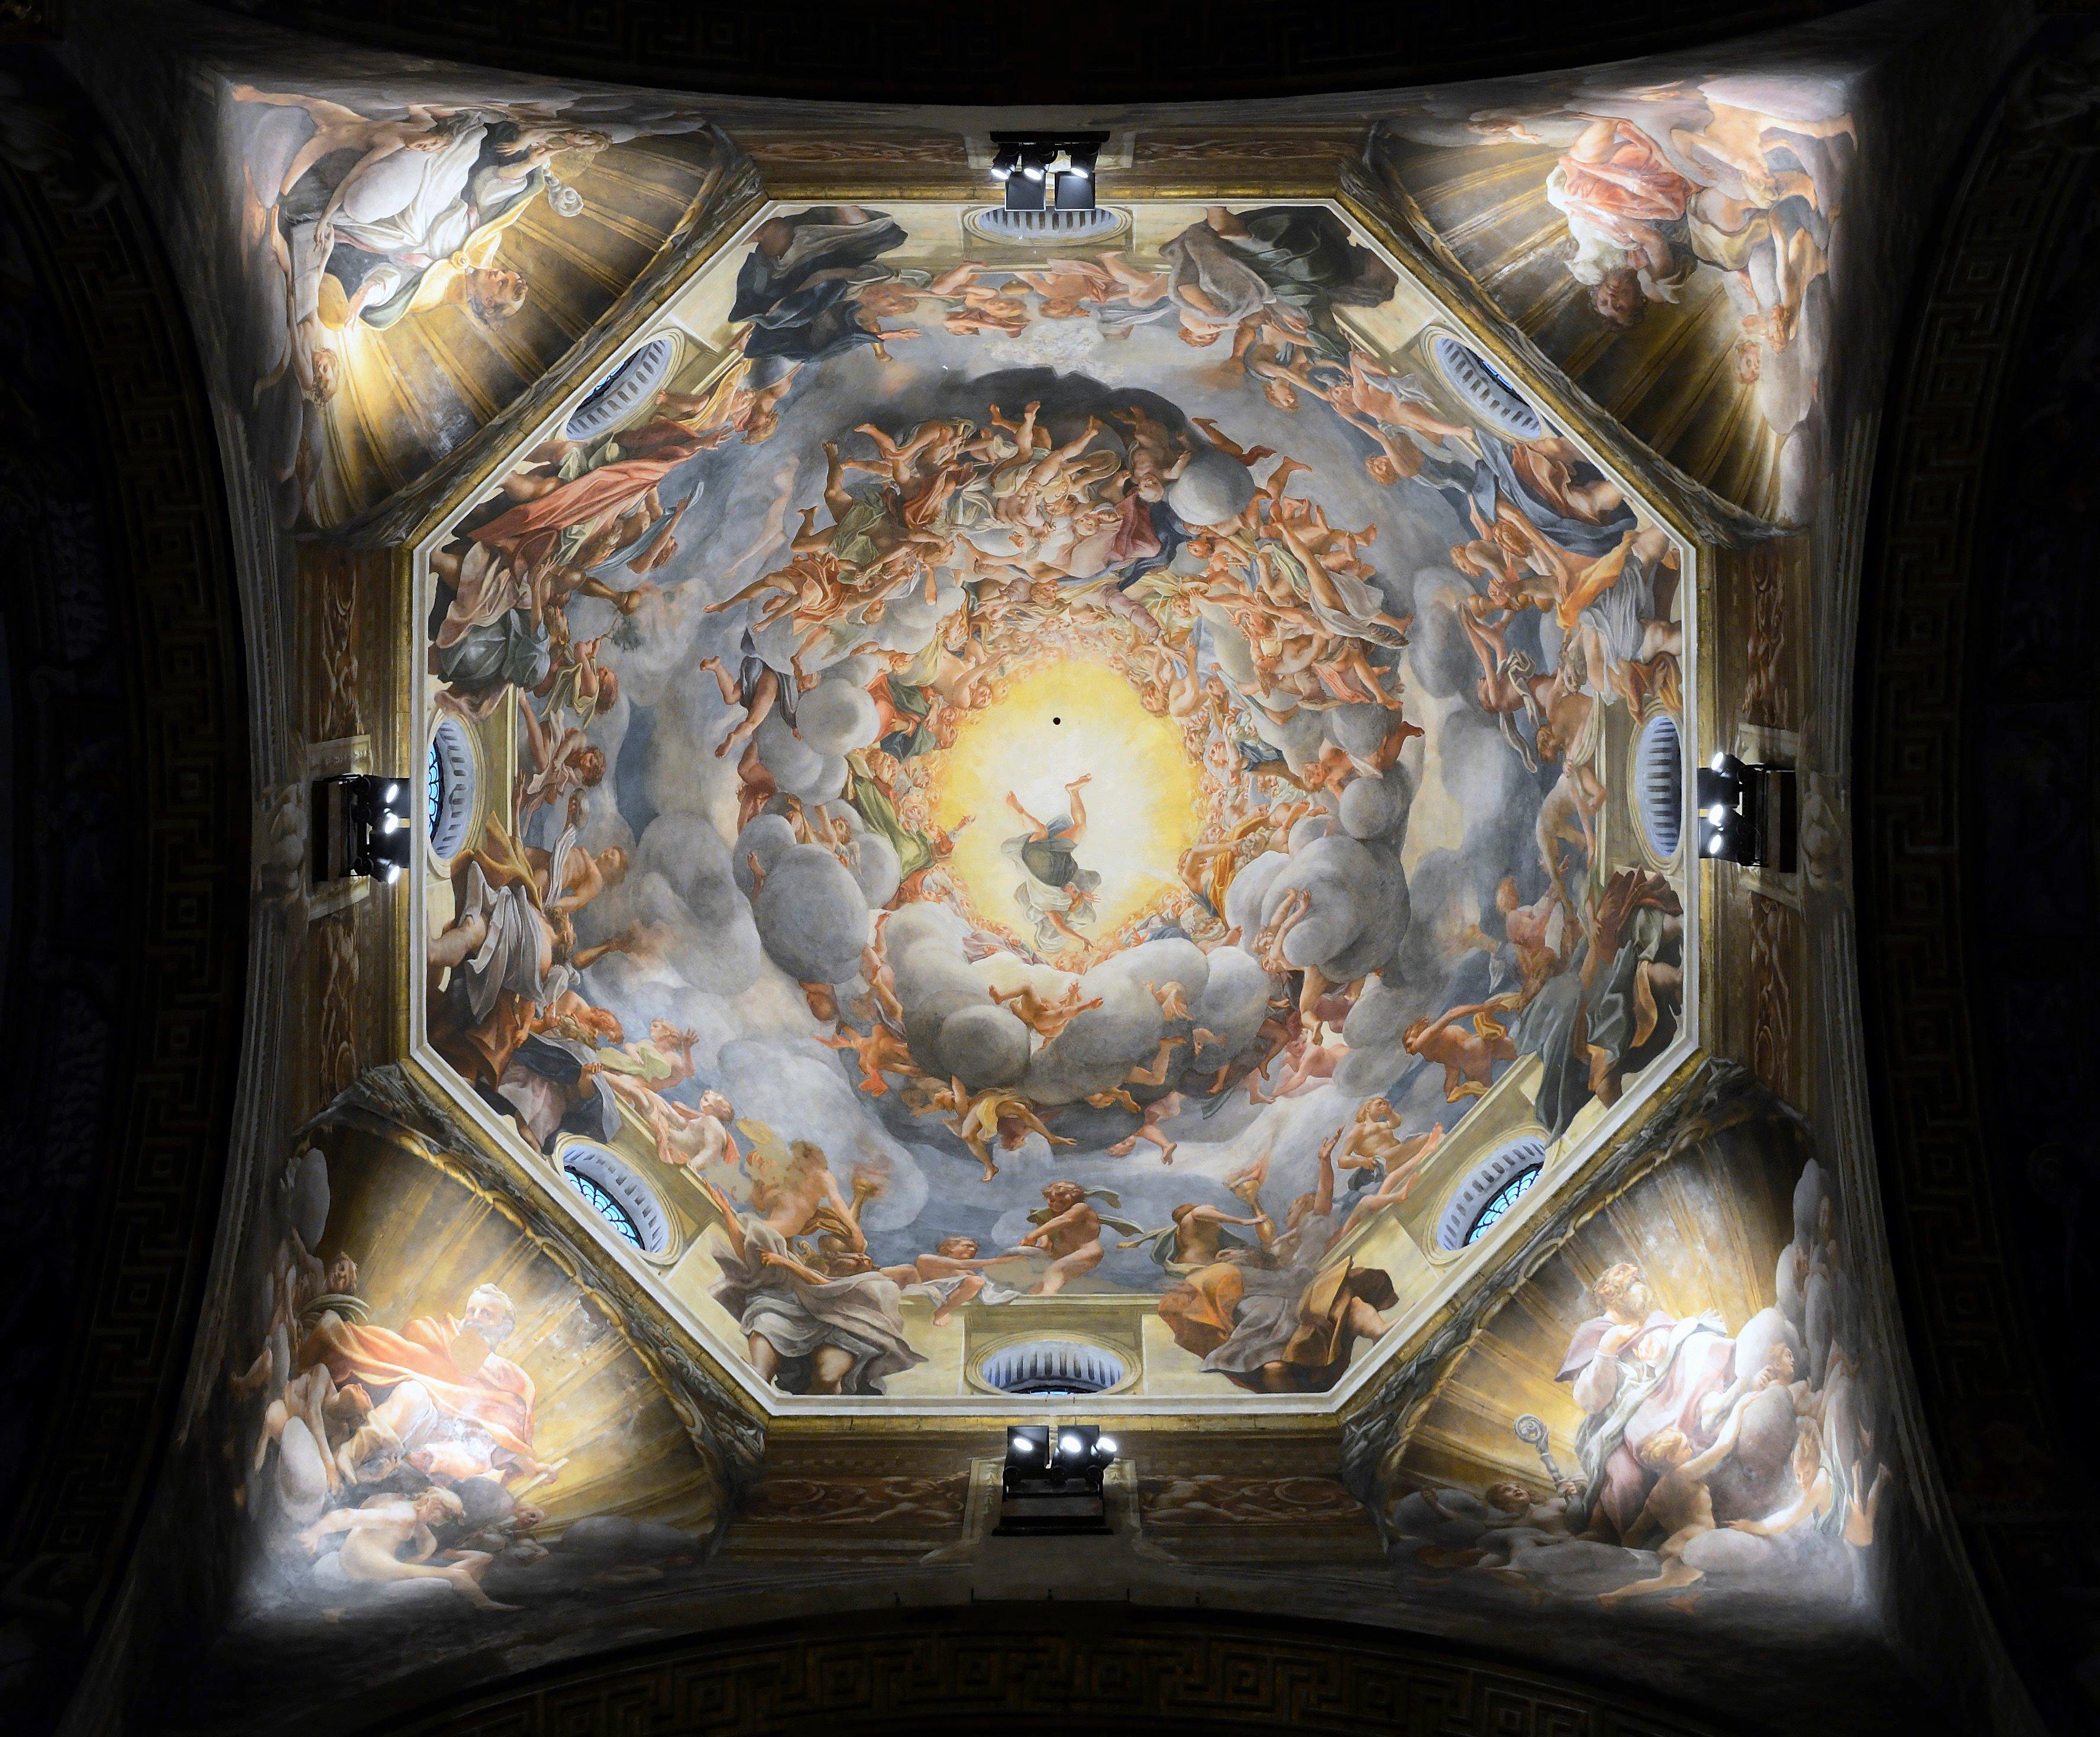 Cathedral_(Parma)_-_Assumption_by_Correggio